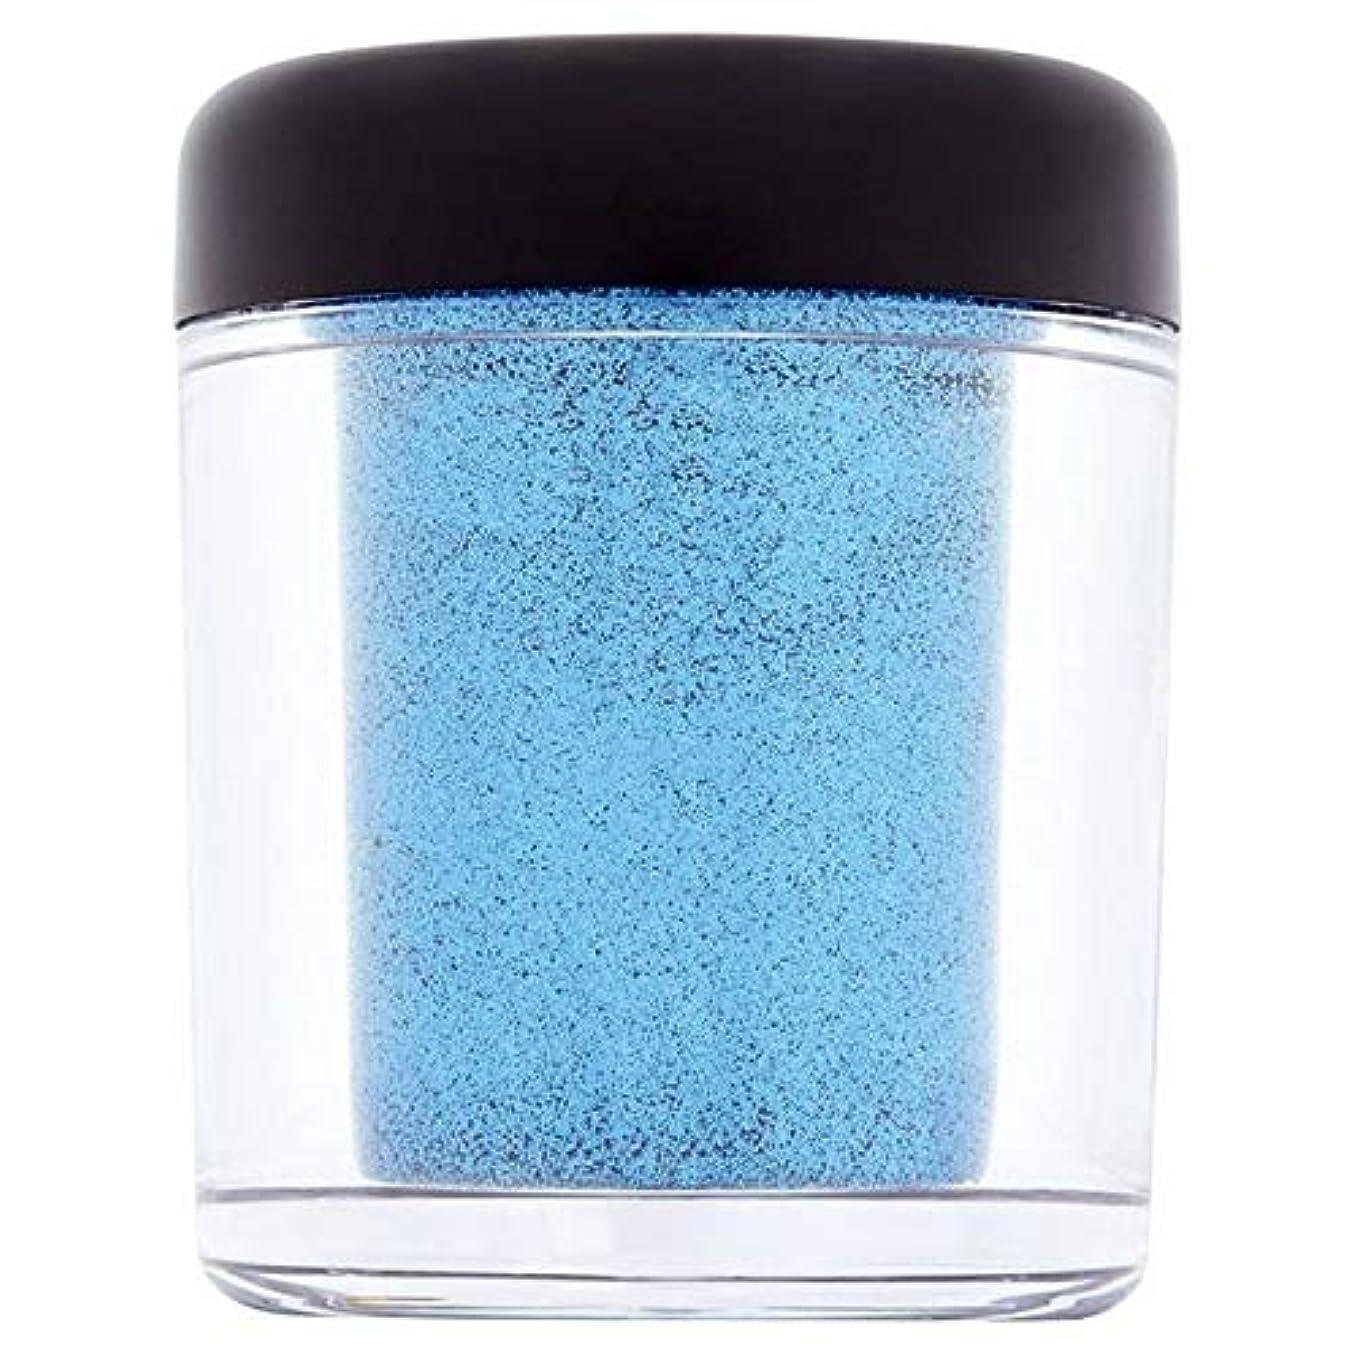 ヒギンズ寛大さカッター[Collection ] 収集グラムの結晶フェイス&ボディグリッタースプラッシュ6 - Collection Glam Crystals Face & Body Glitter Splash 6 [並行輸入品]